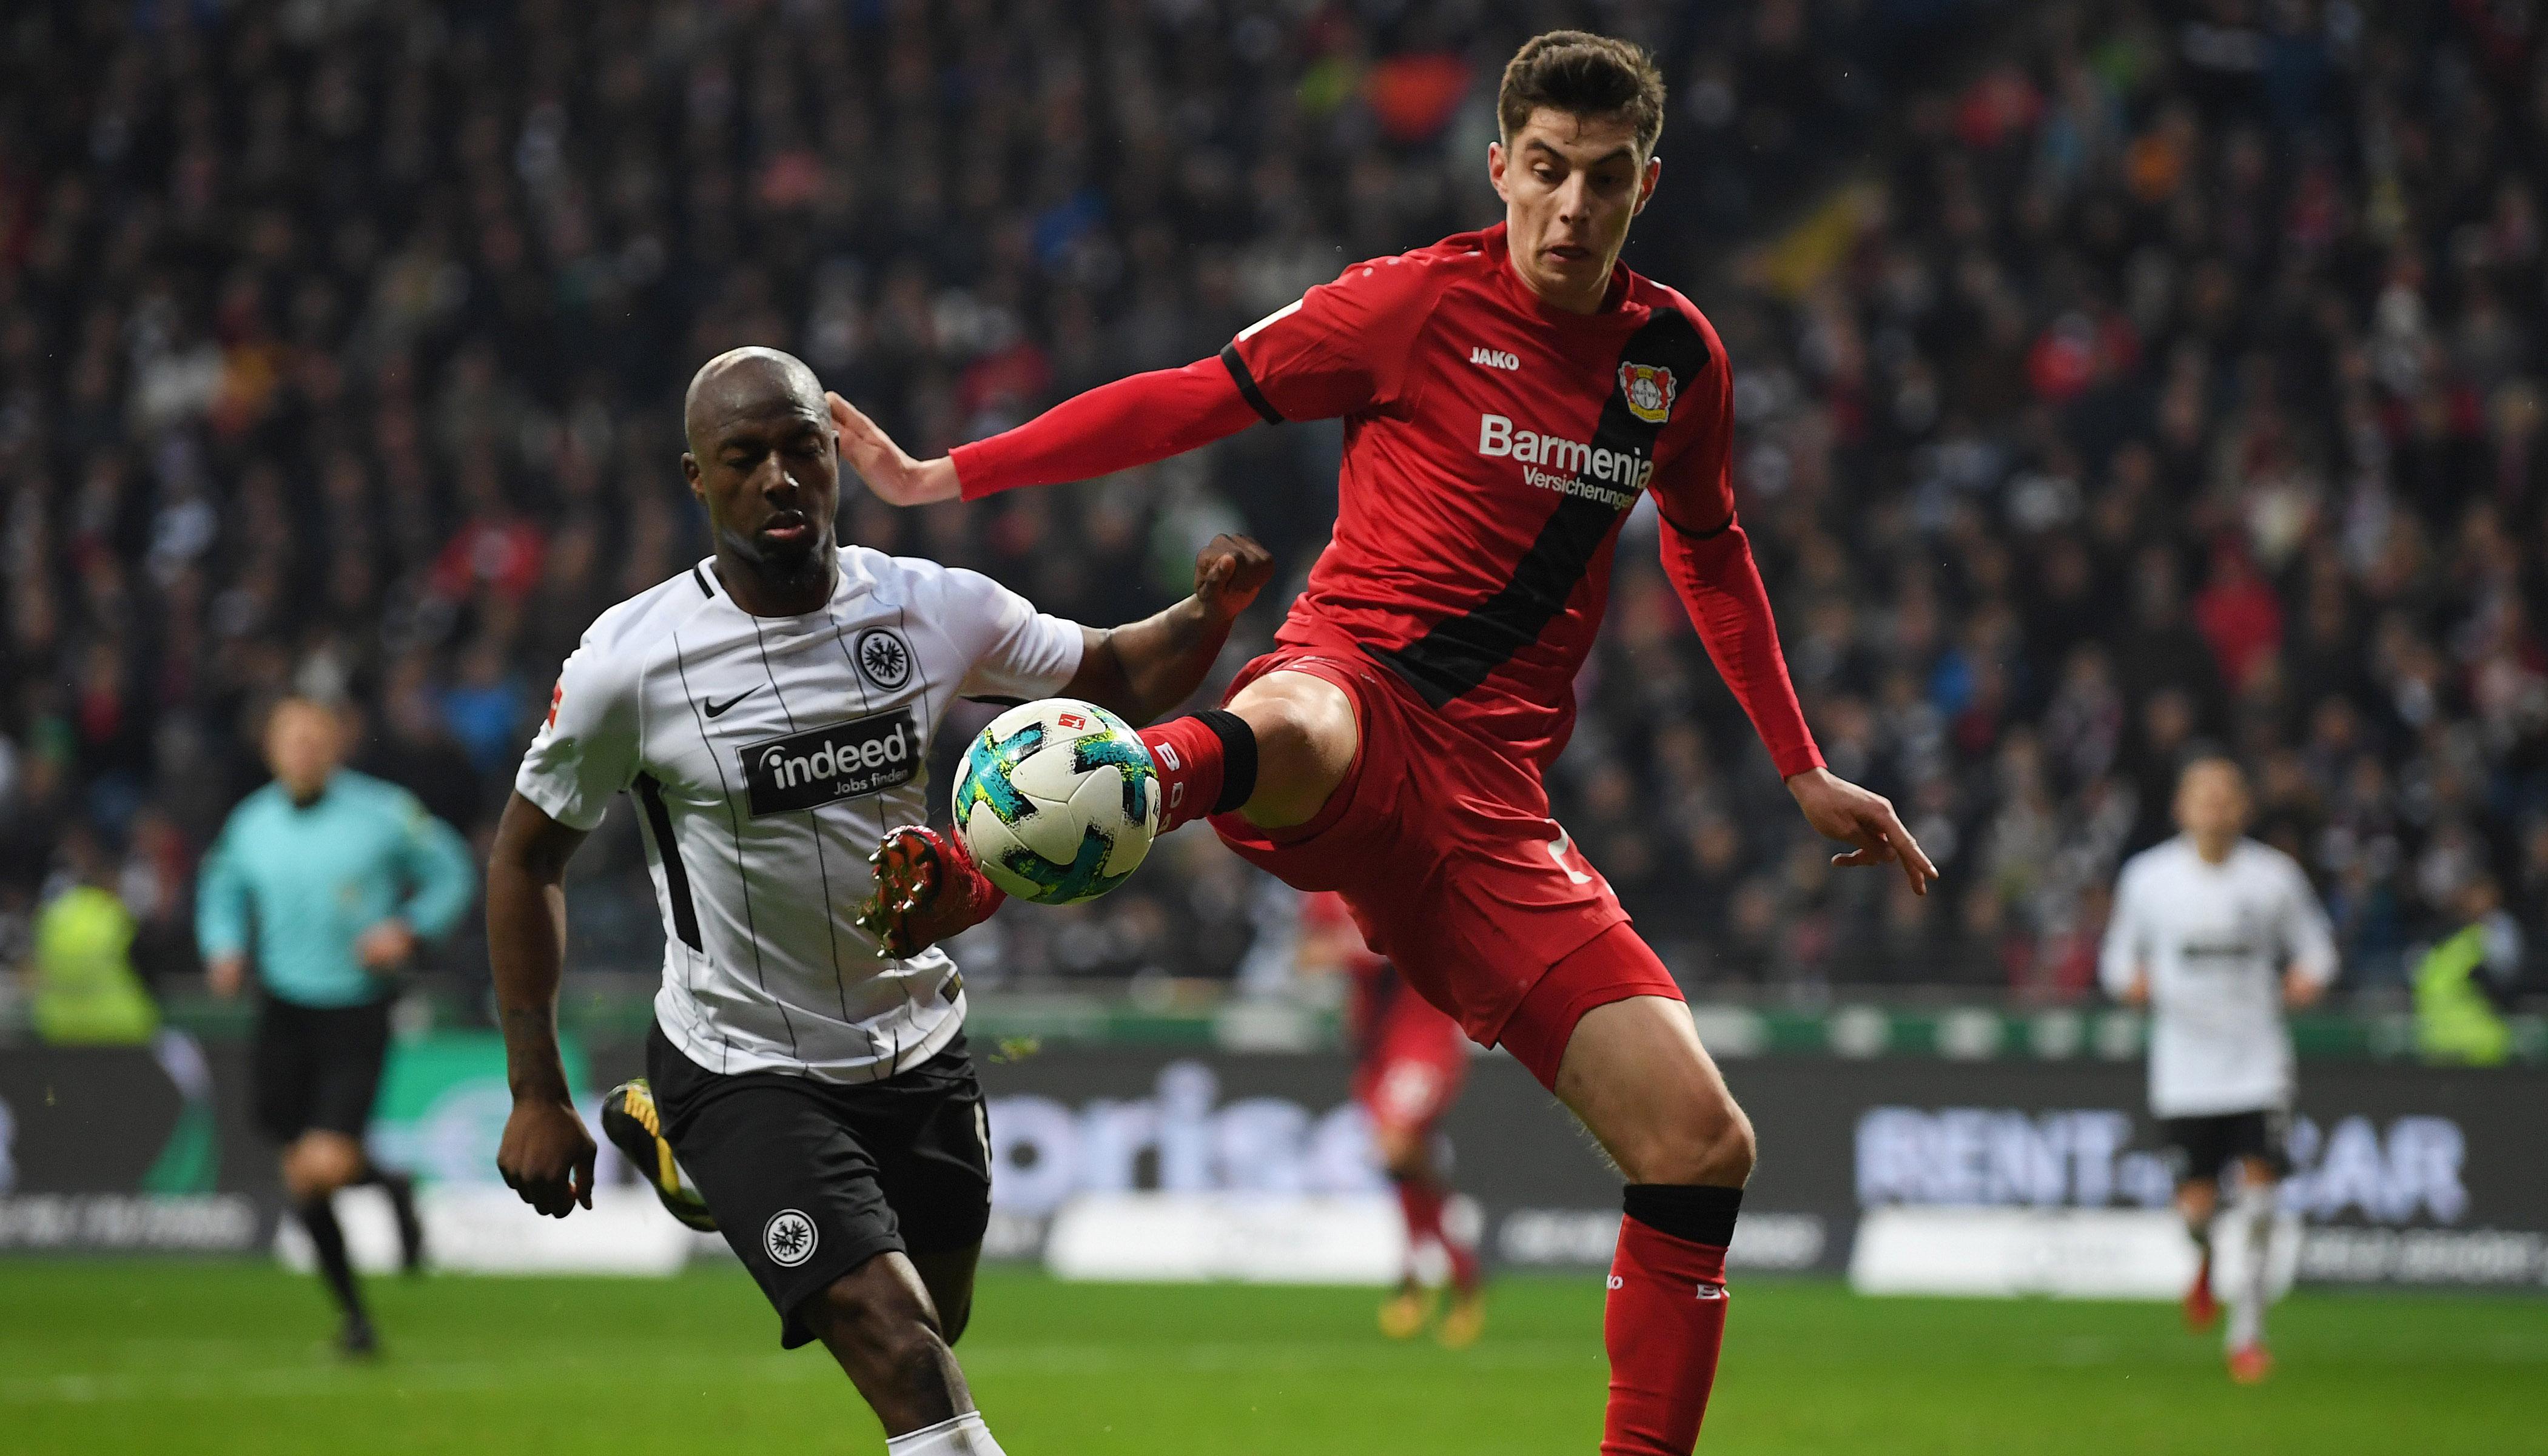 Eintracht Frankfurt – Bayer Leverkusen: Keine Tore? Ausgeschlossen!